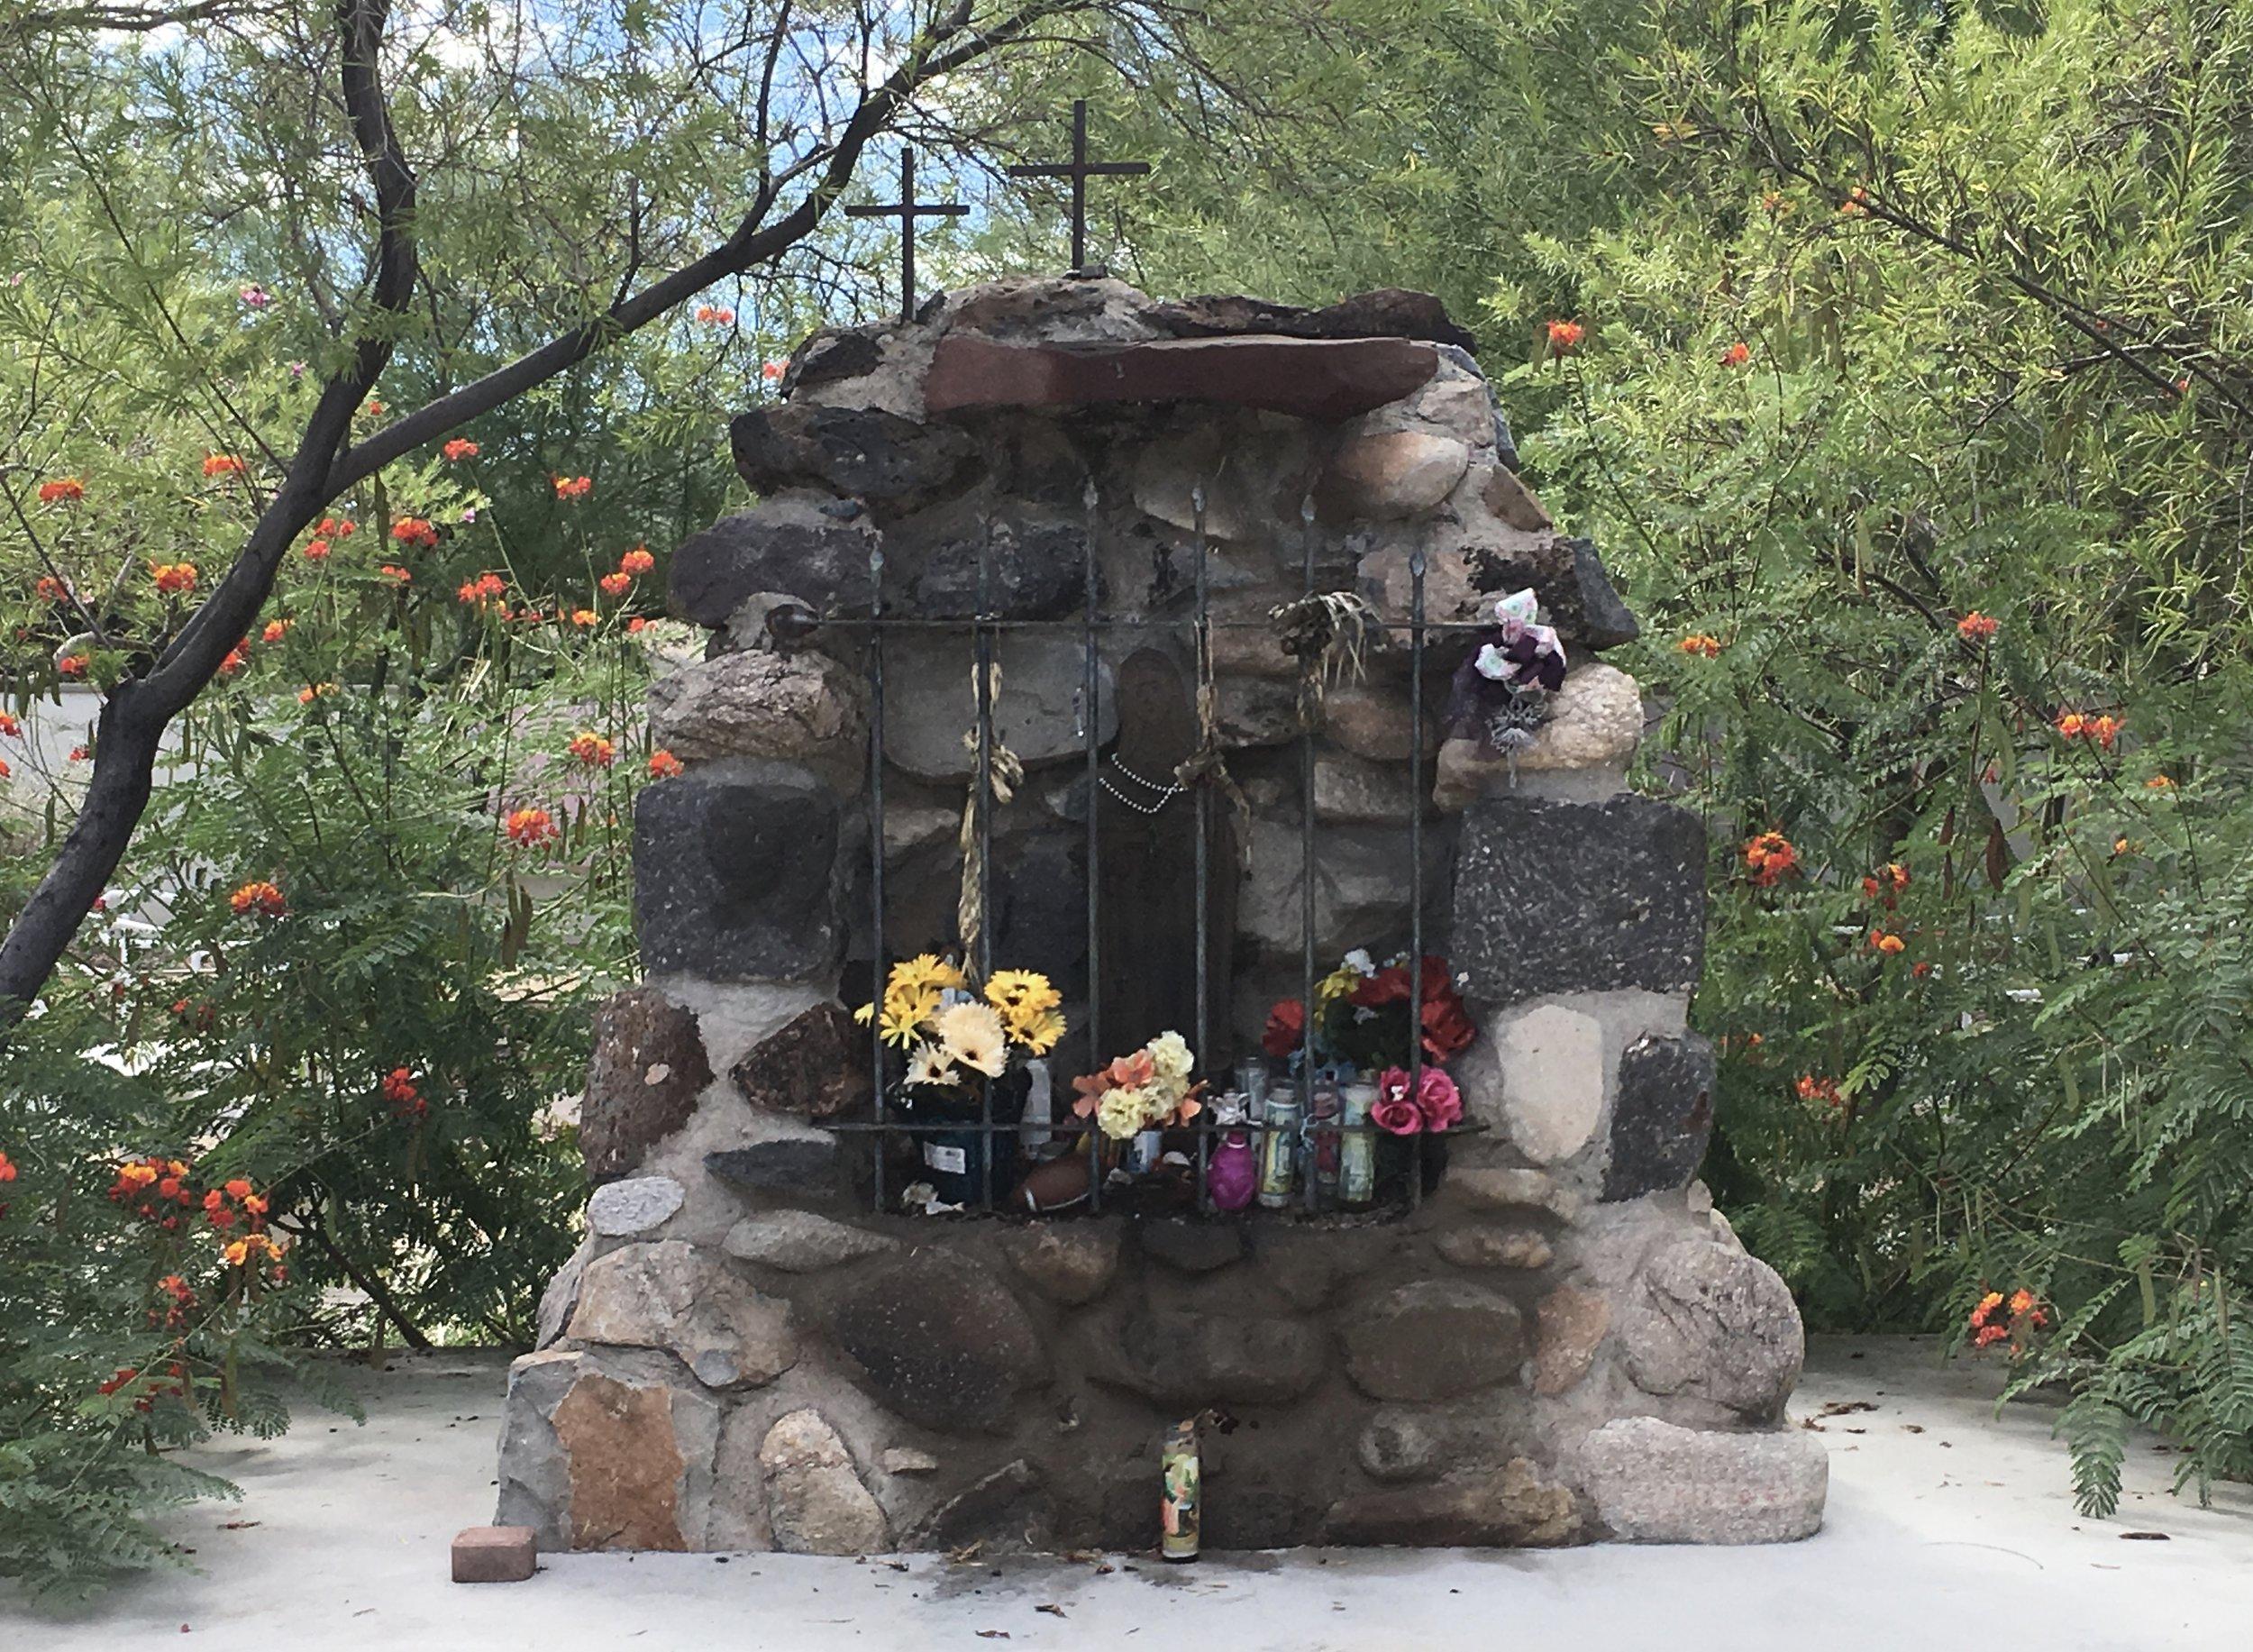 The shrine at Mendoza park